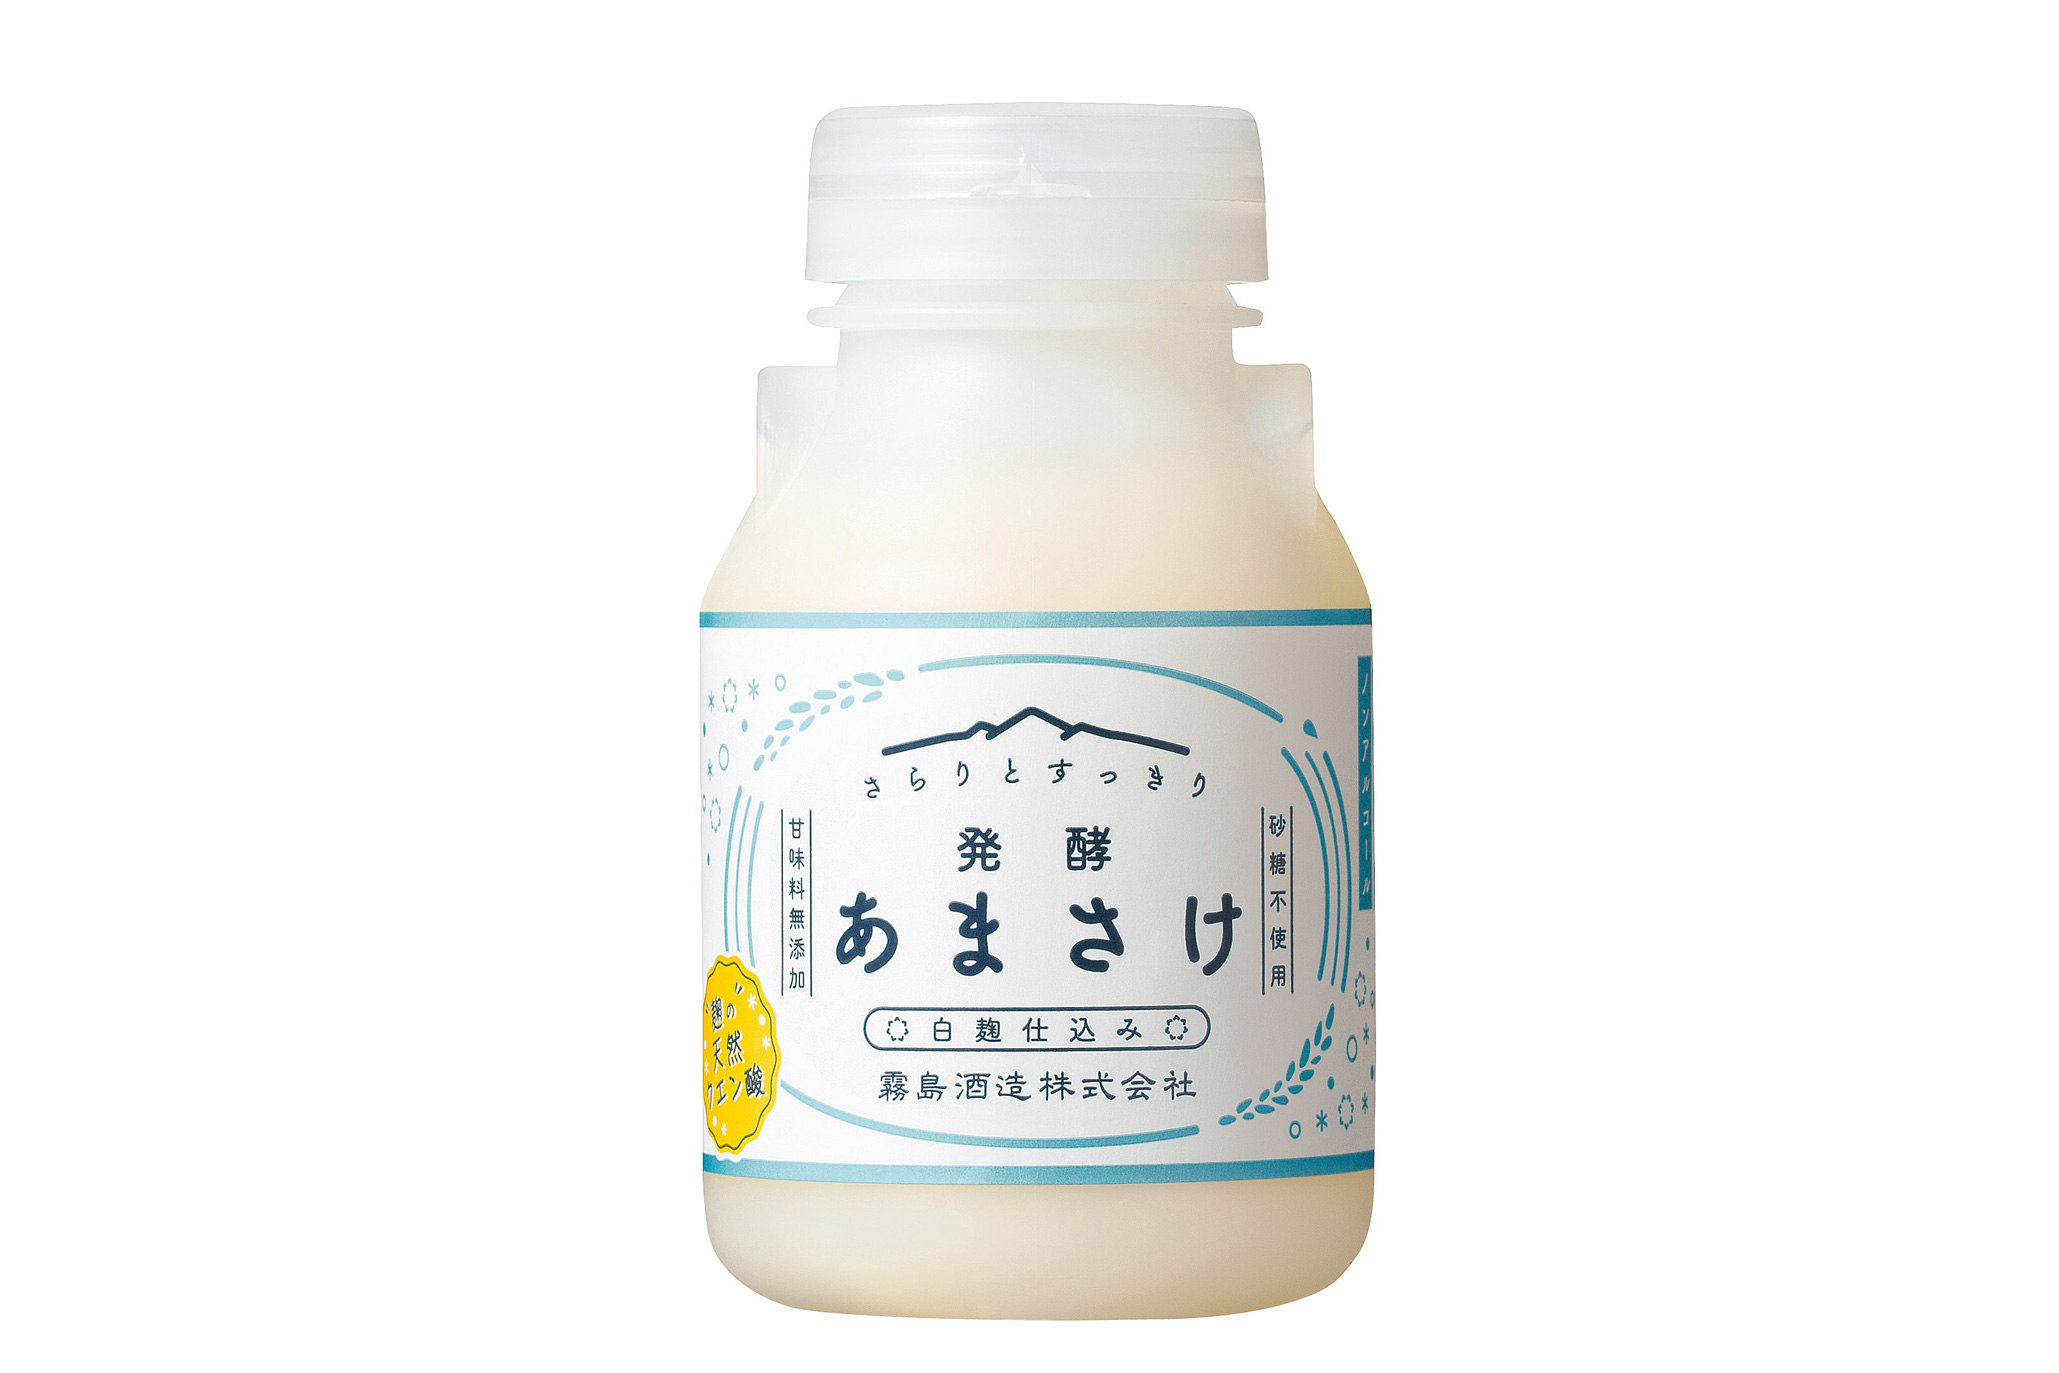 『発酵あまさけ 白麴仕込み』新発売のお知らせ